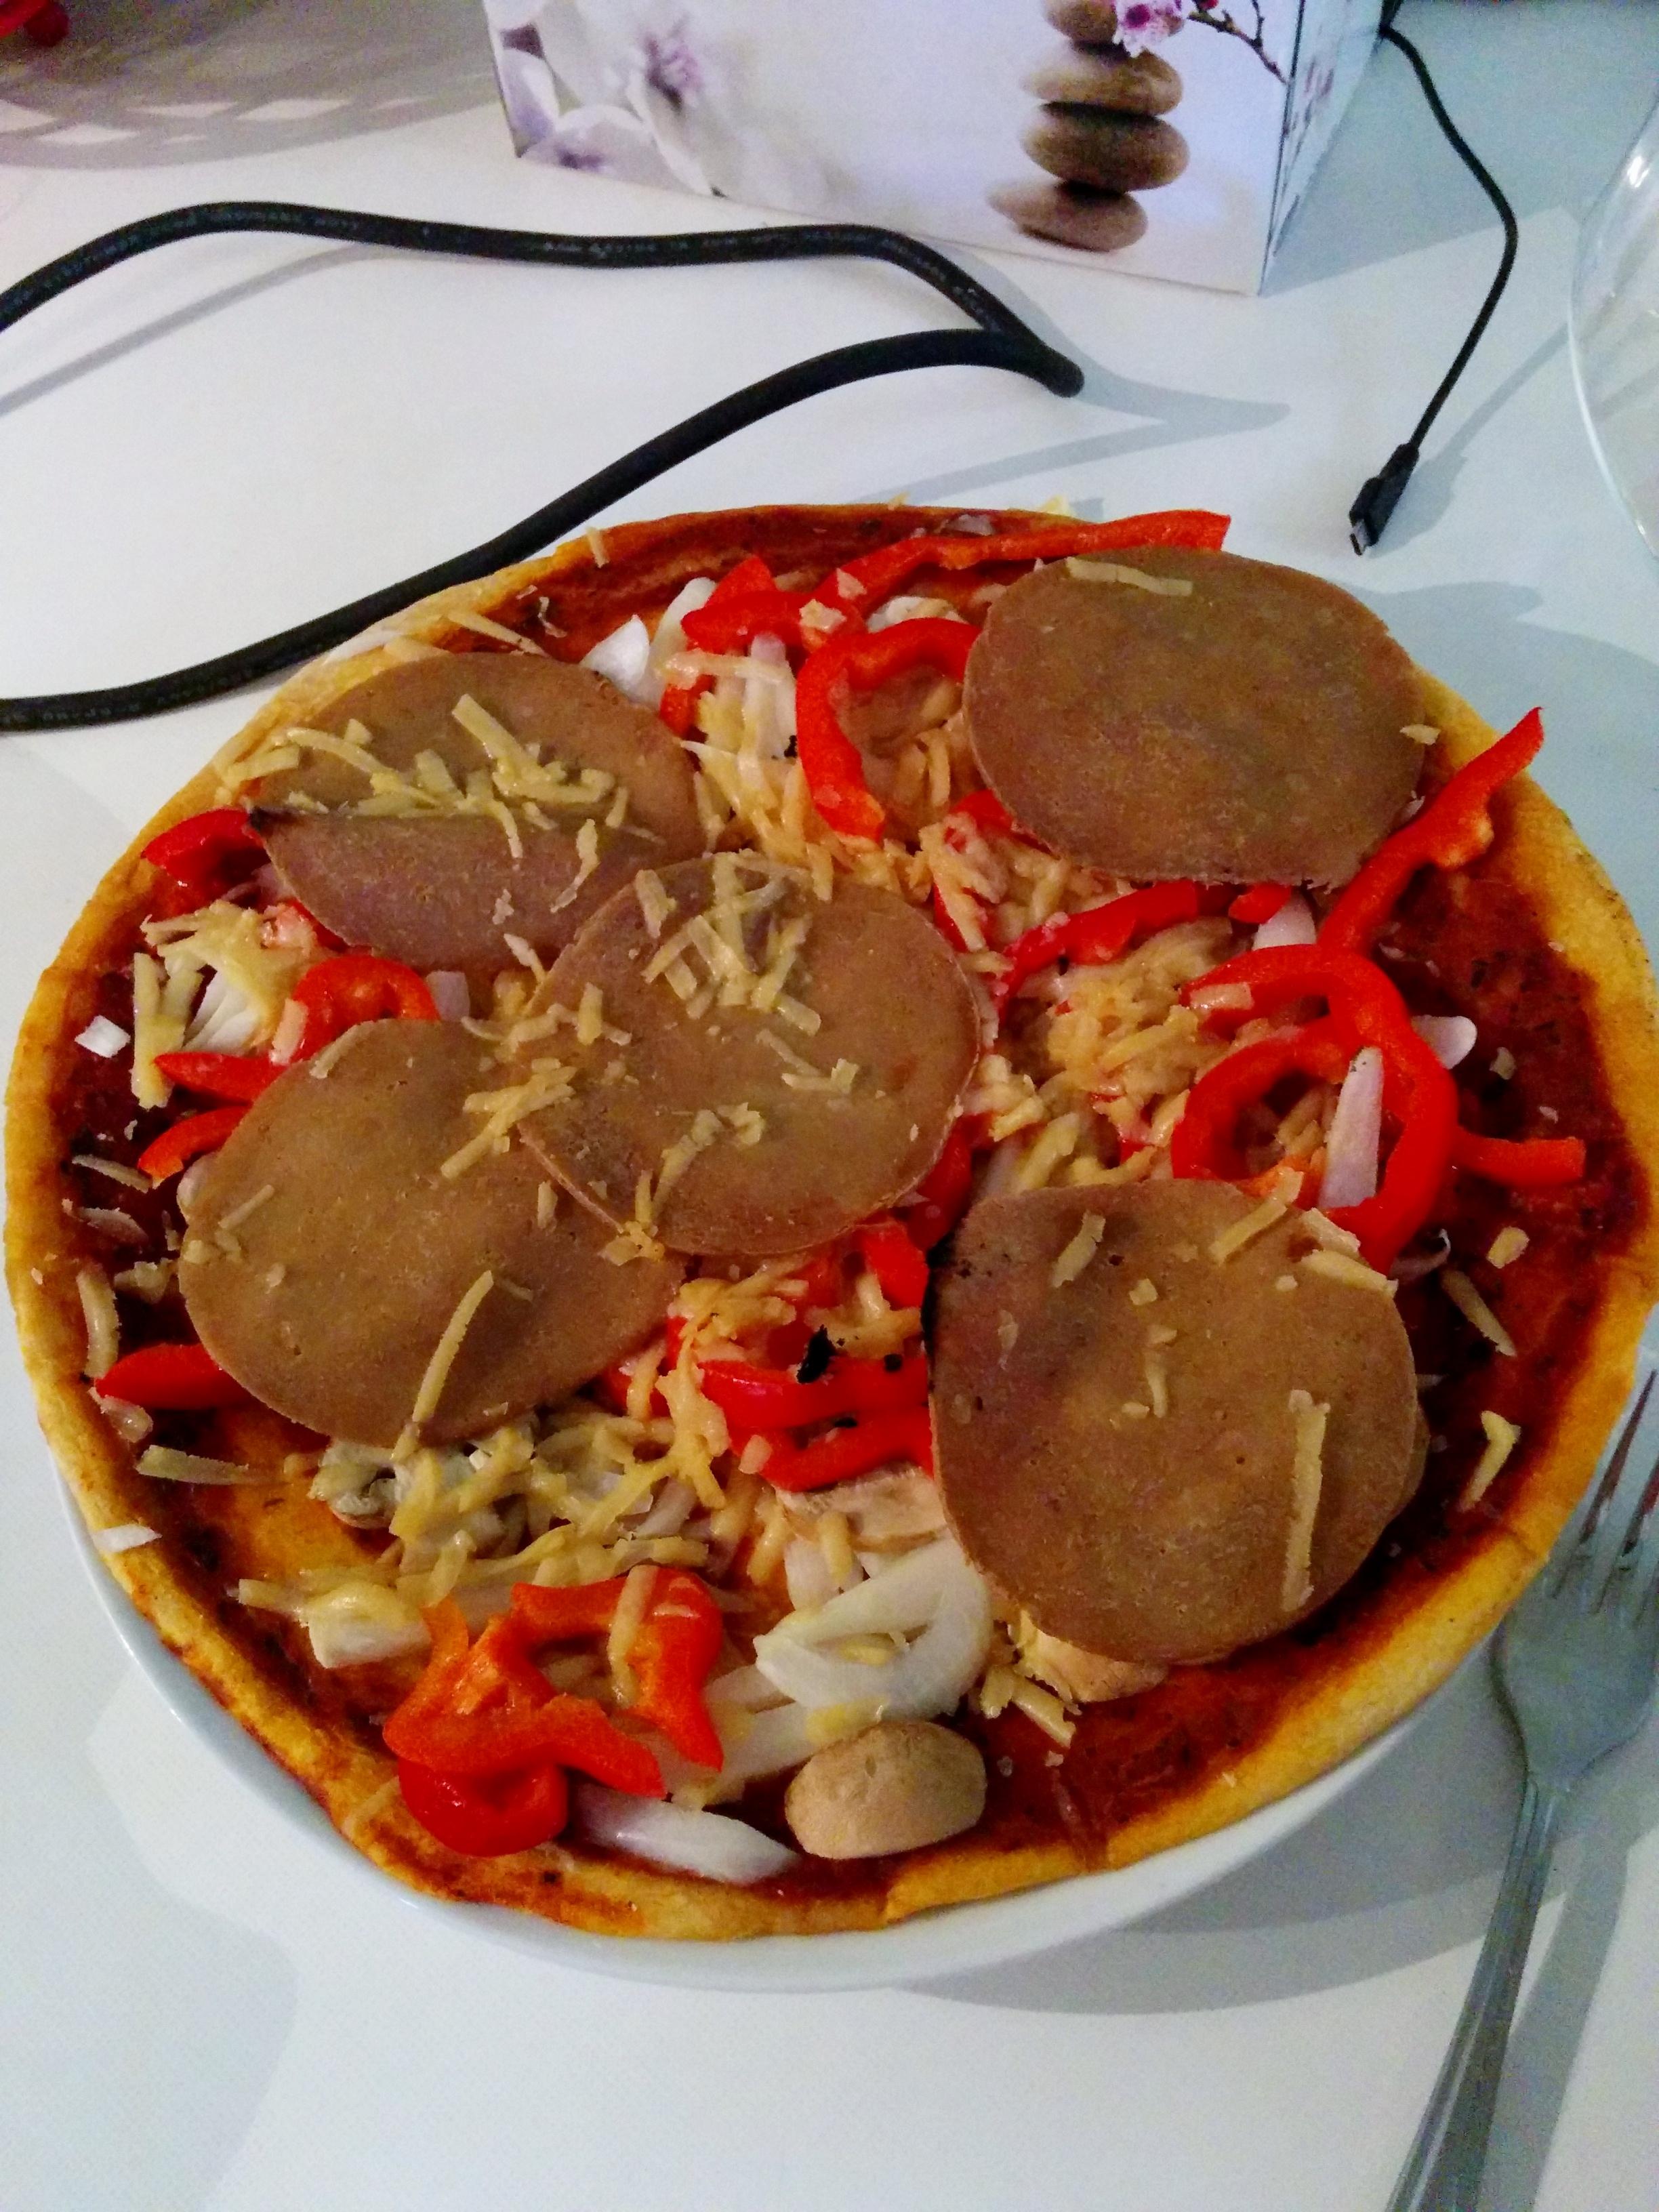 Fertige Marinara Pizza, selbst belegt mit Fake meat (Foodland) und veganem Käse (Cheezly)